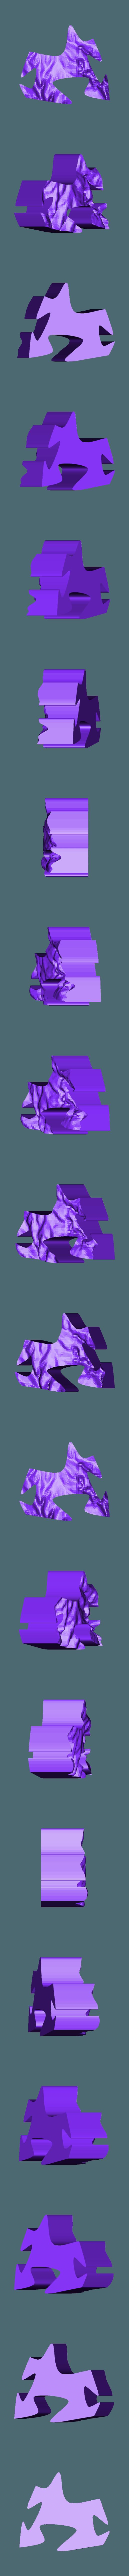 58.stl Télécharger fichier STL gratuit Echelle épique - Terrain - Zion NP • Objet à imprimer en 3D, TCP491016